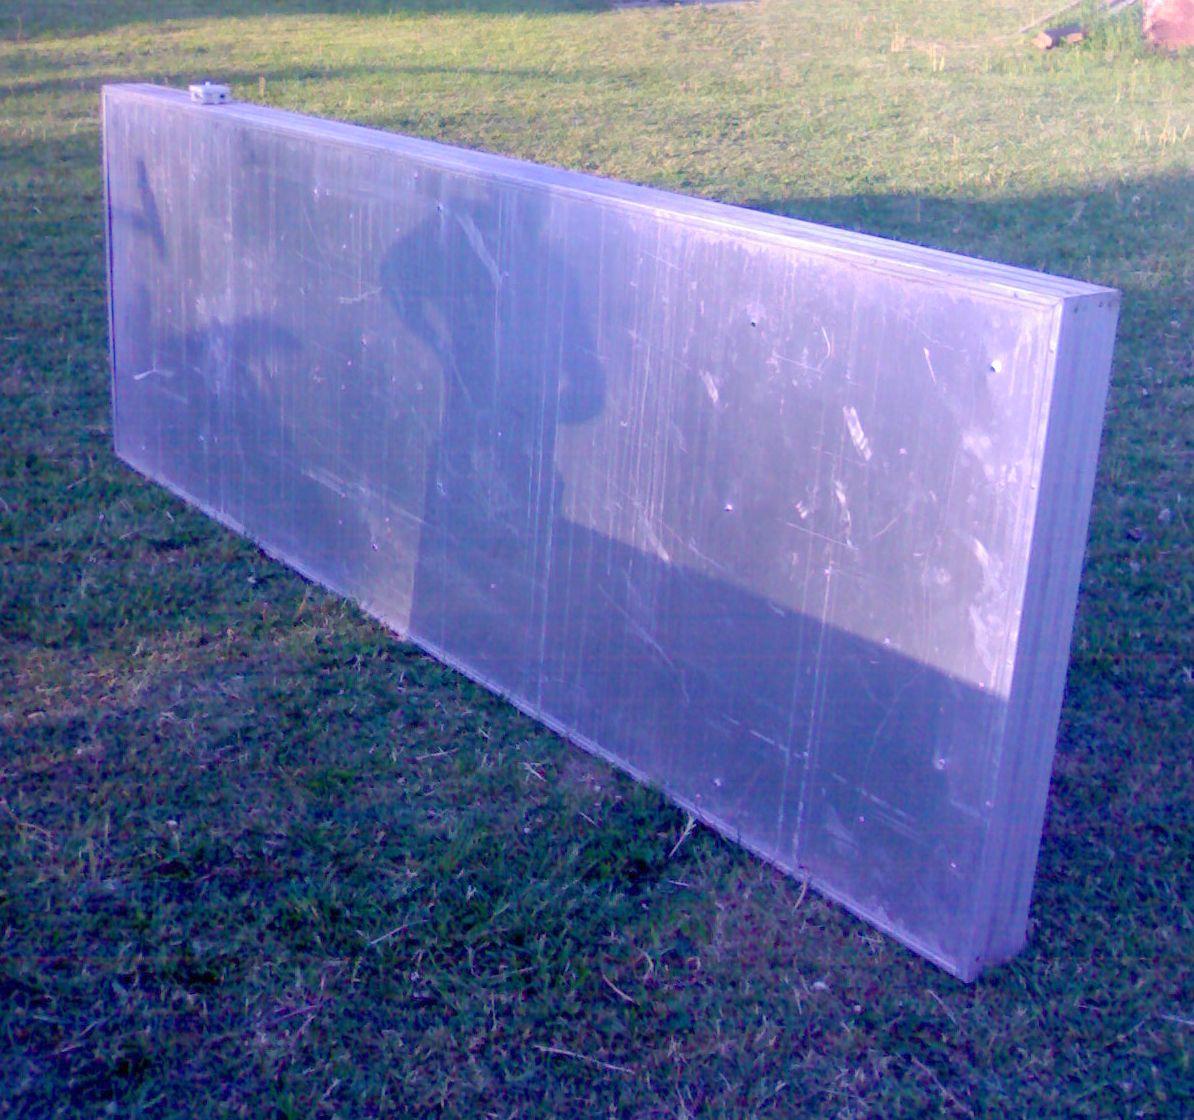 119a636b0ca müüa valguskast kasutatud. valguskast 3 m x 1 m